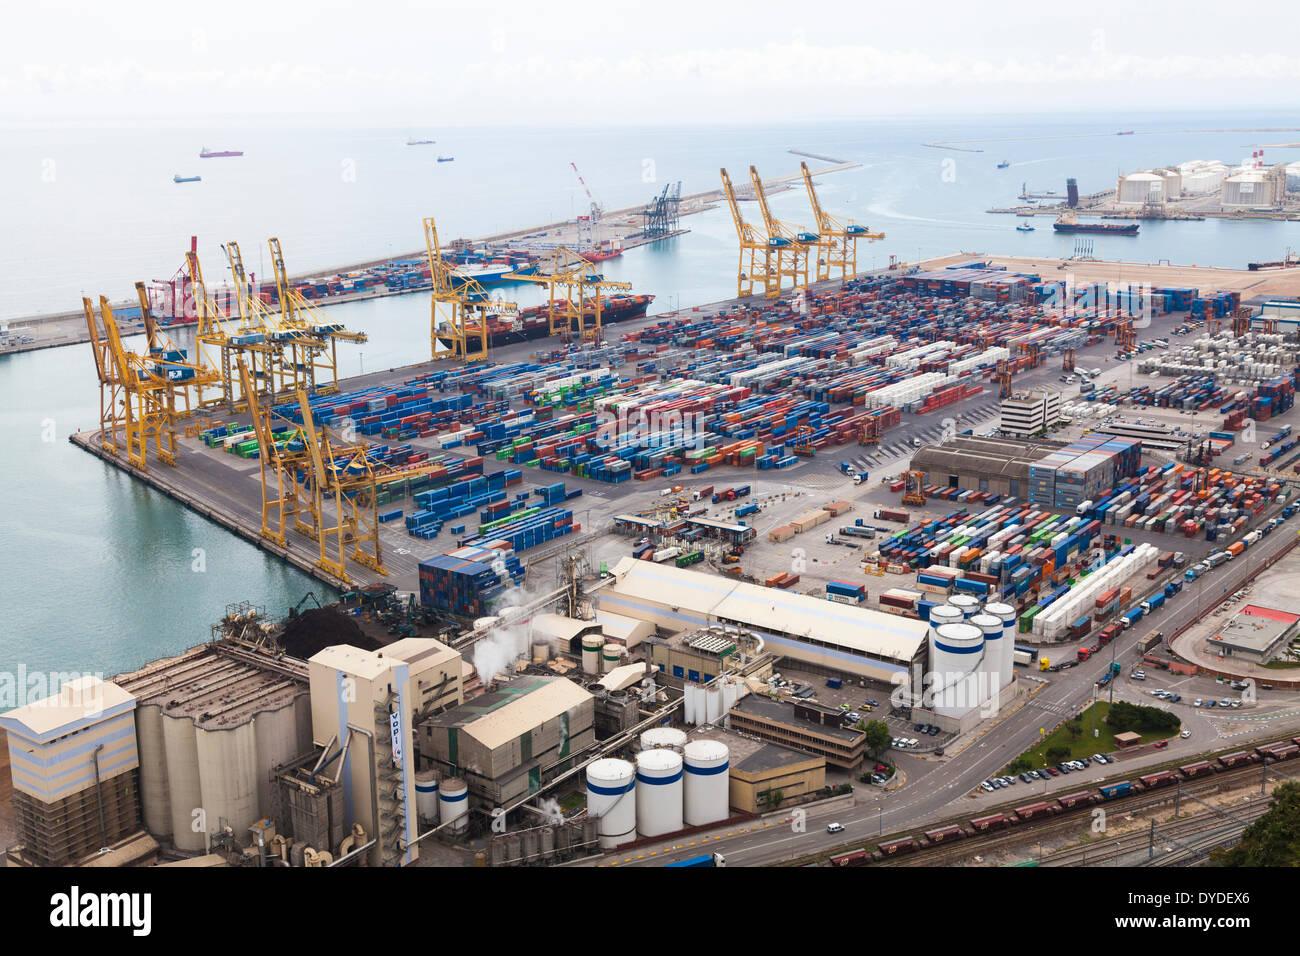 Alta Vista de contenedores del puerto de Barcelona dockyard. Foto de stock